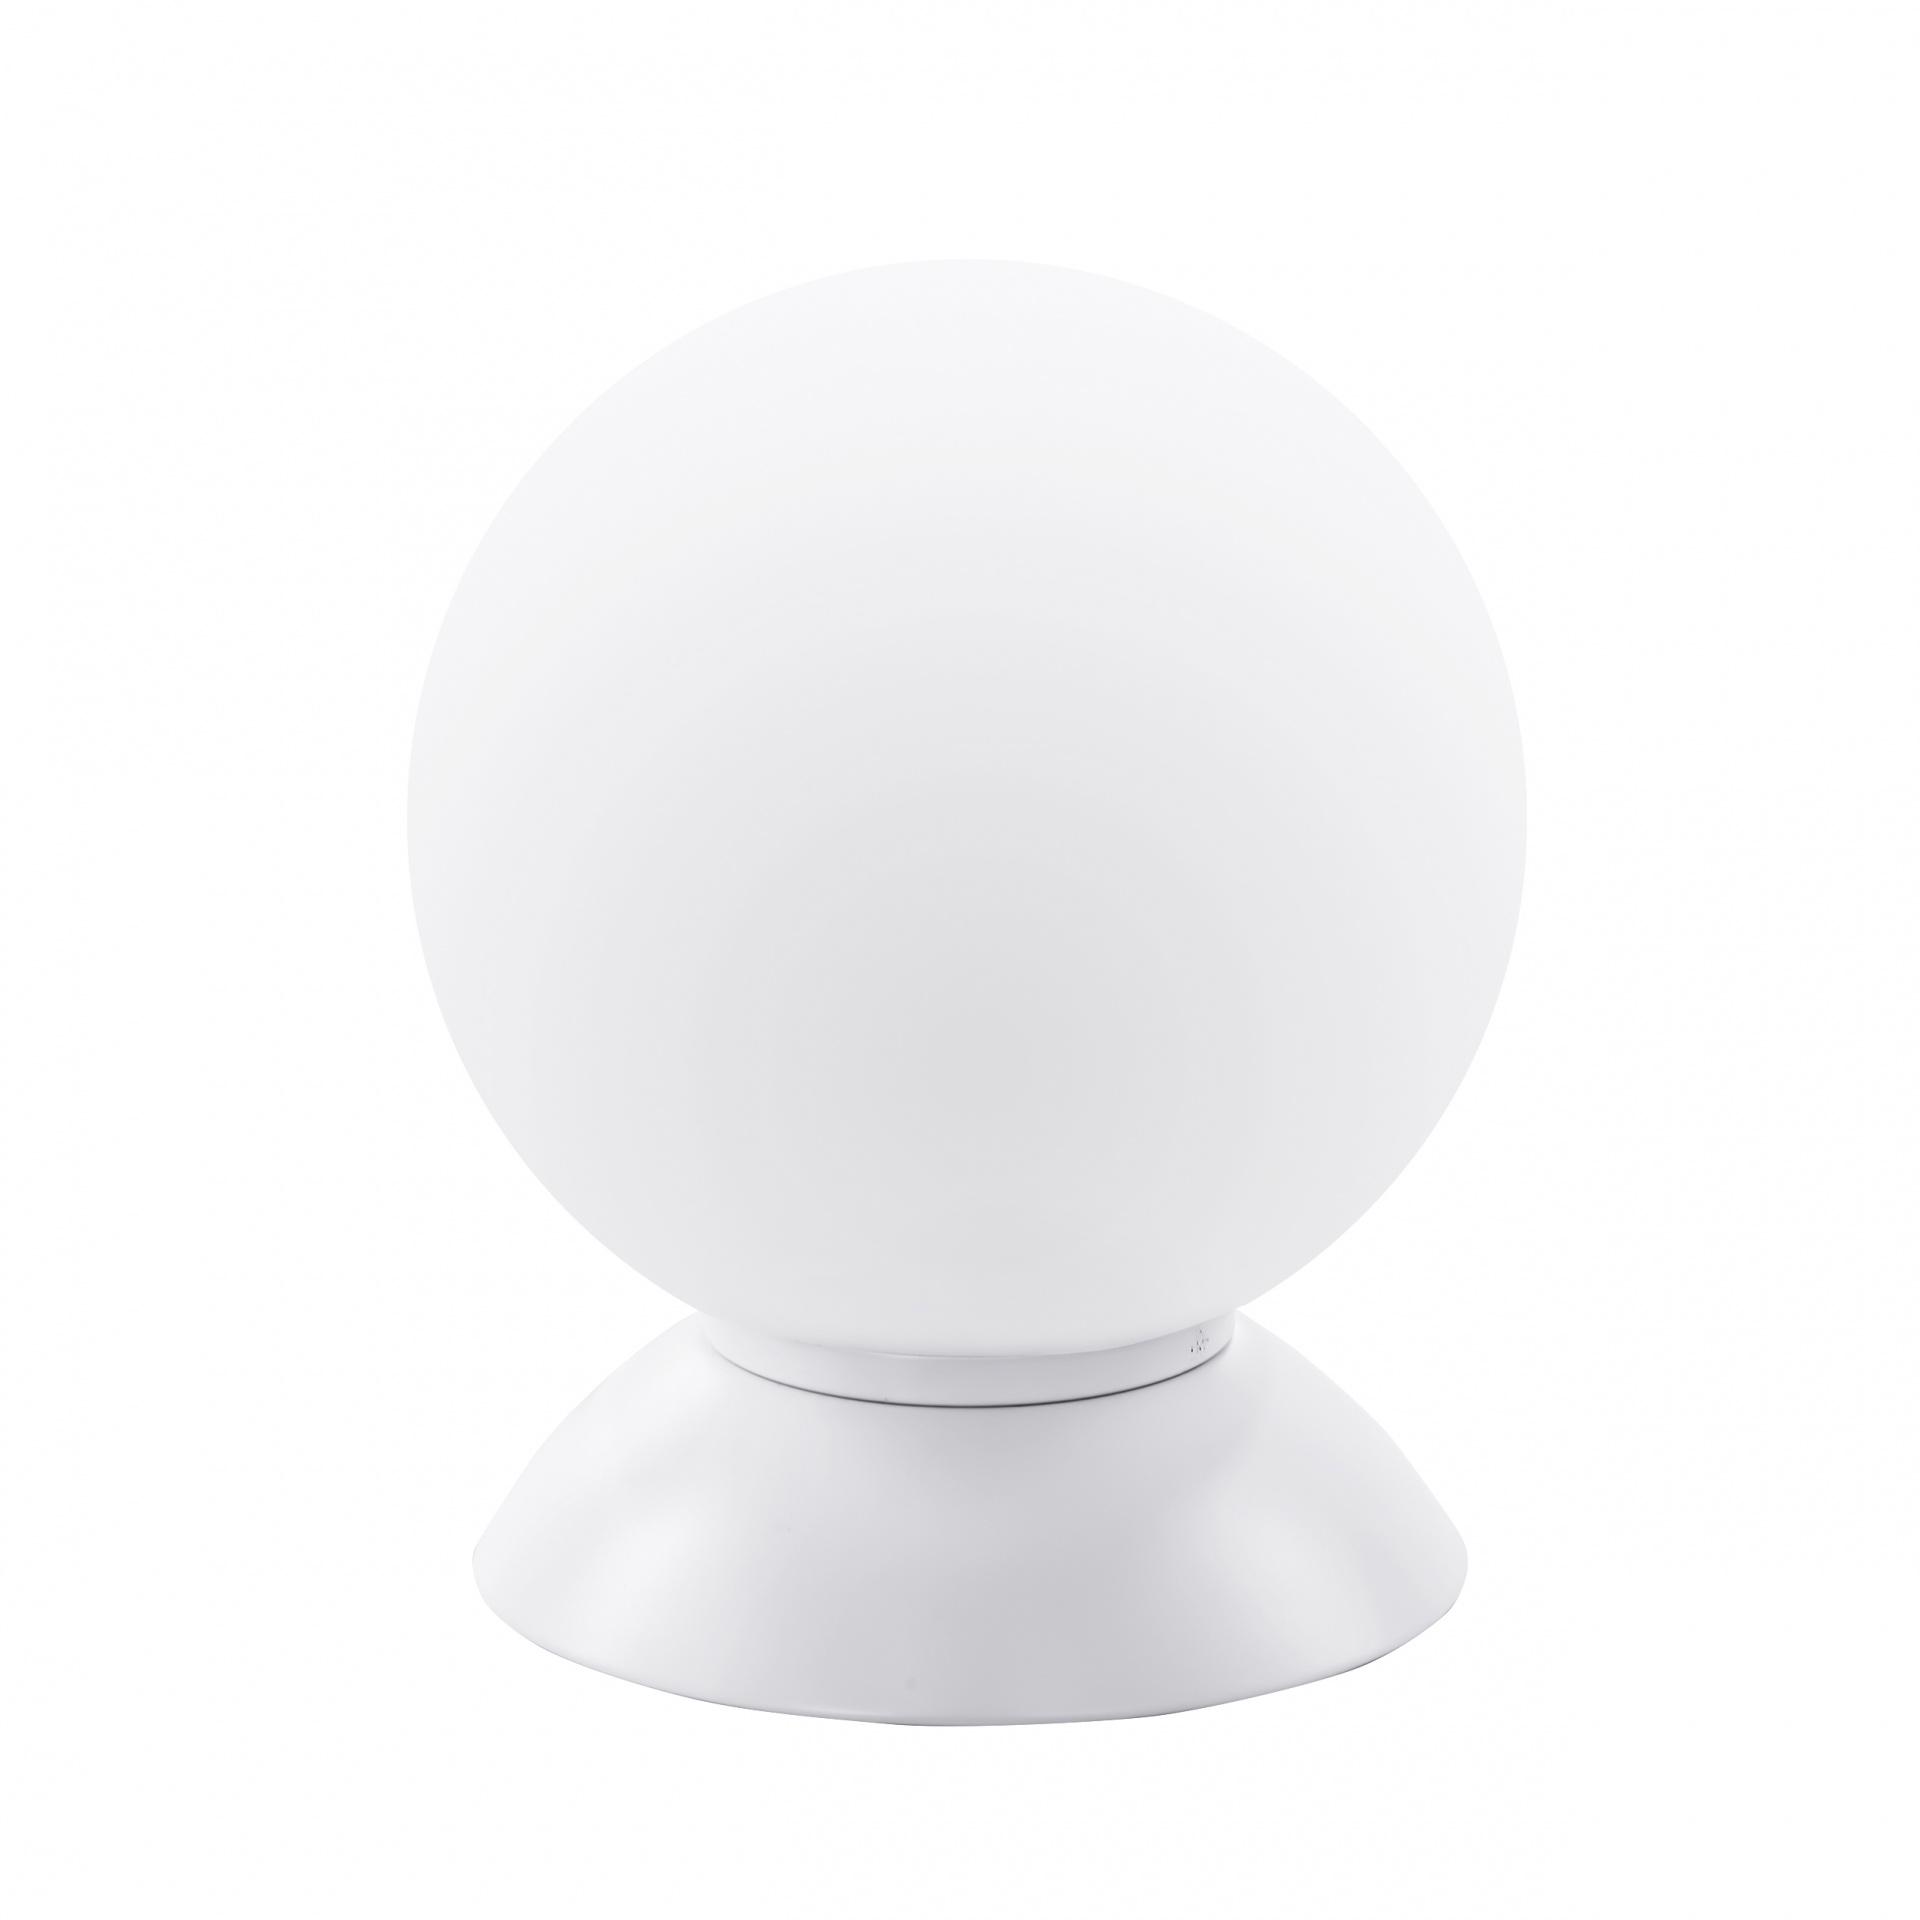 Настольная лампа Globo 1х40W E14 mute white/white Lightstar 813916, купить в СПб, Москве, с доставкой, Санкт-Петербург, интернет-магазин люстр и светильников Starlight, фото в жизни